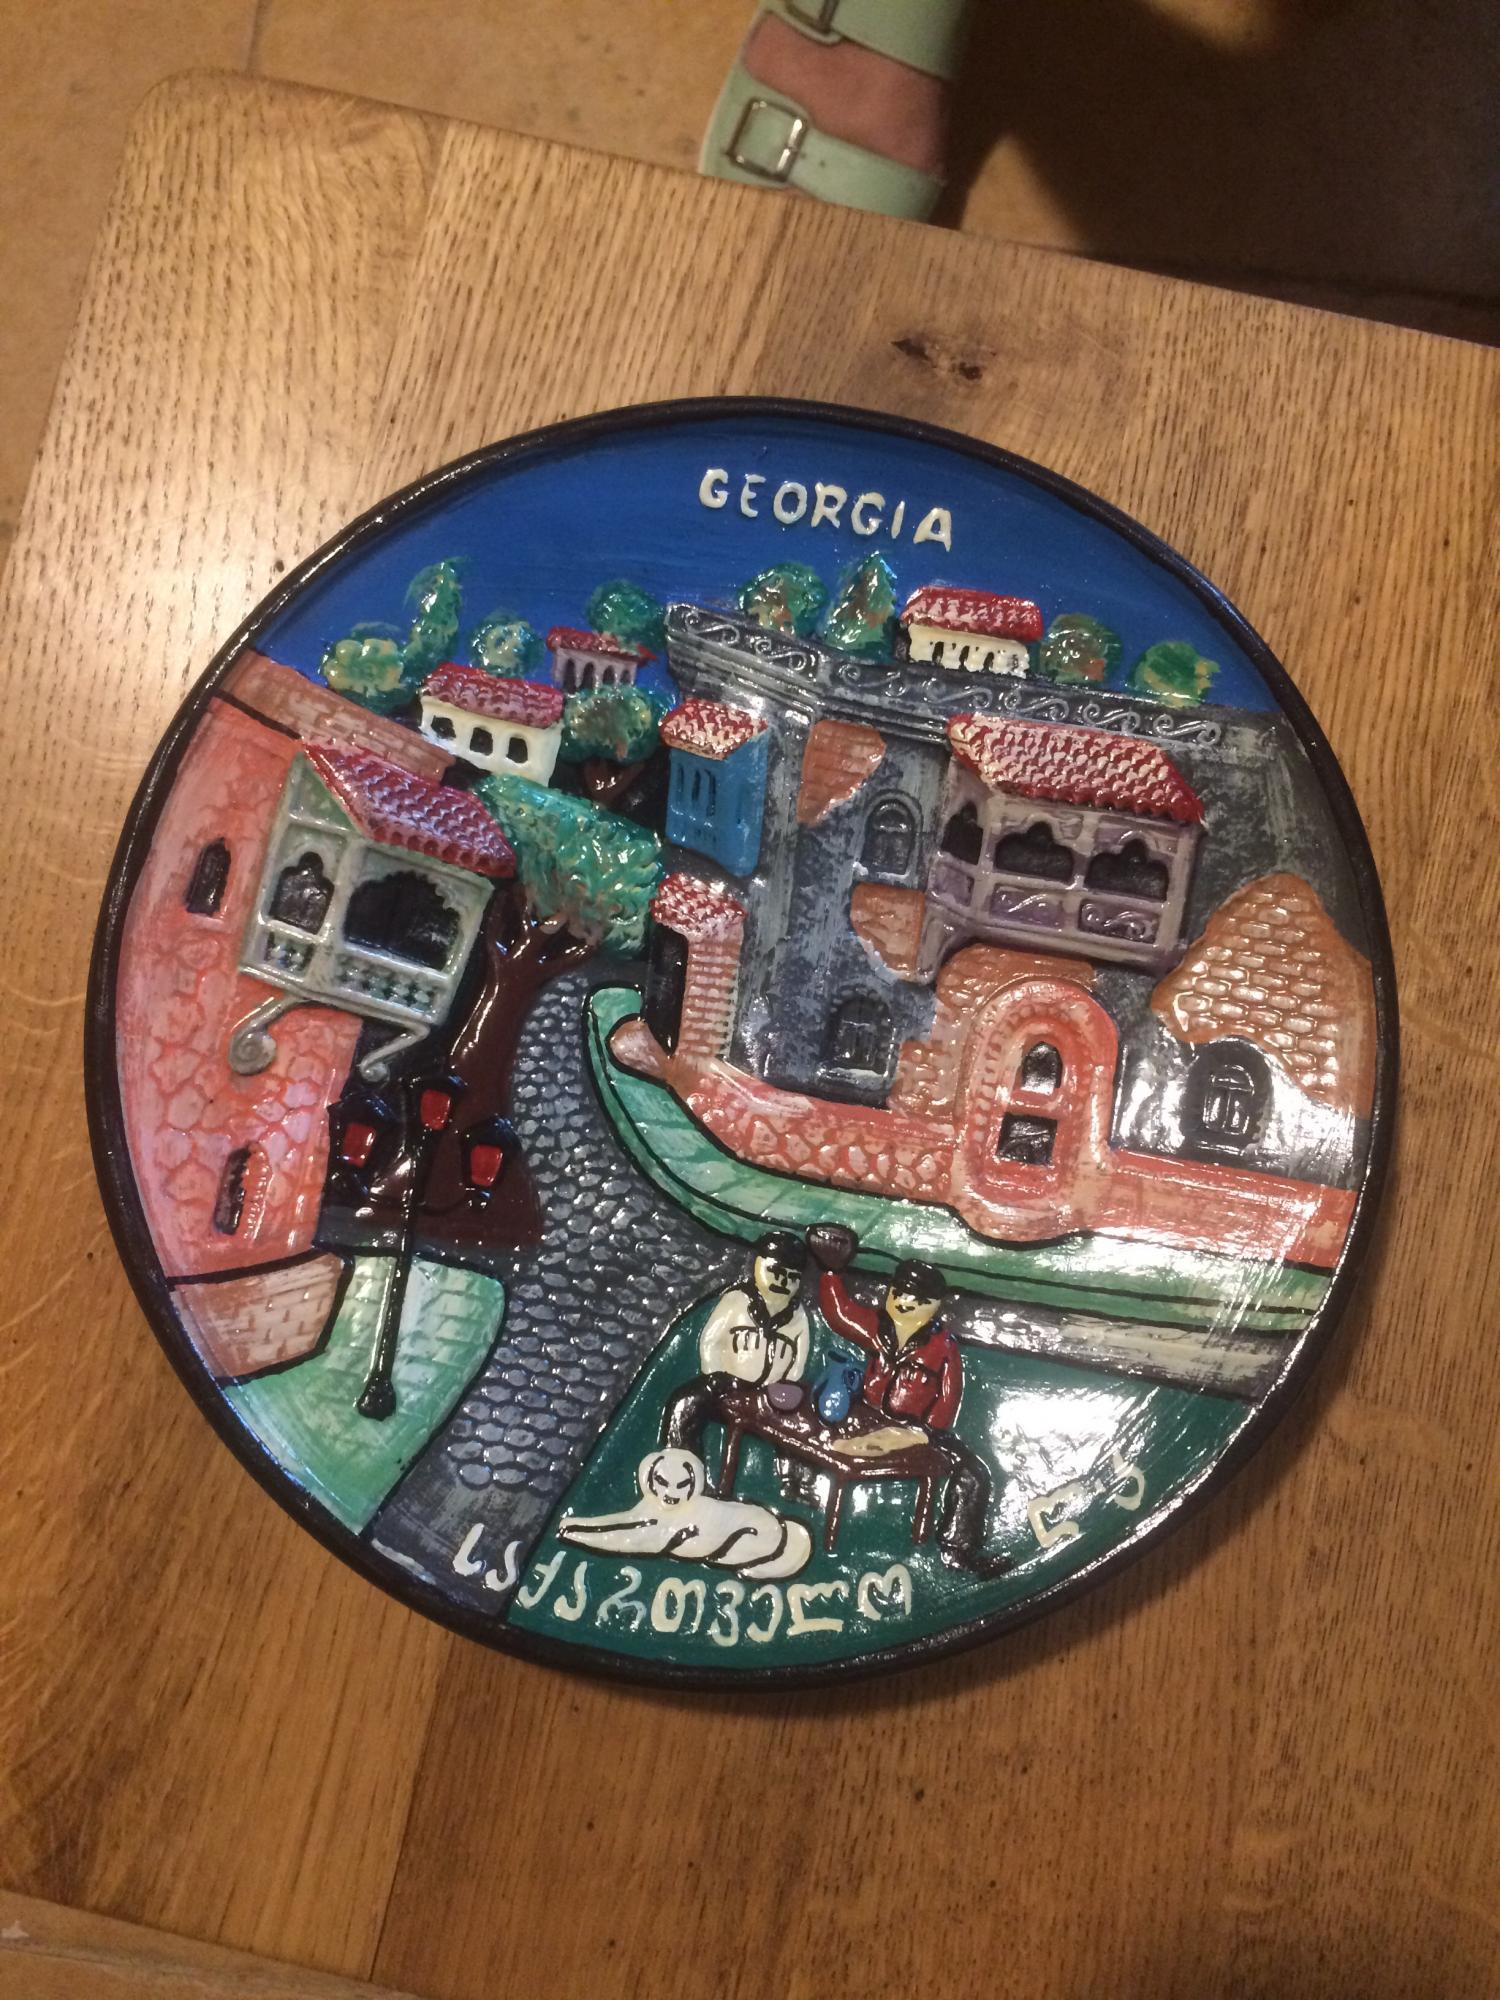 Сувенирная Тарелка из Грузии в Москве 89032171123 купить 3